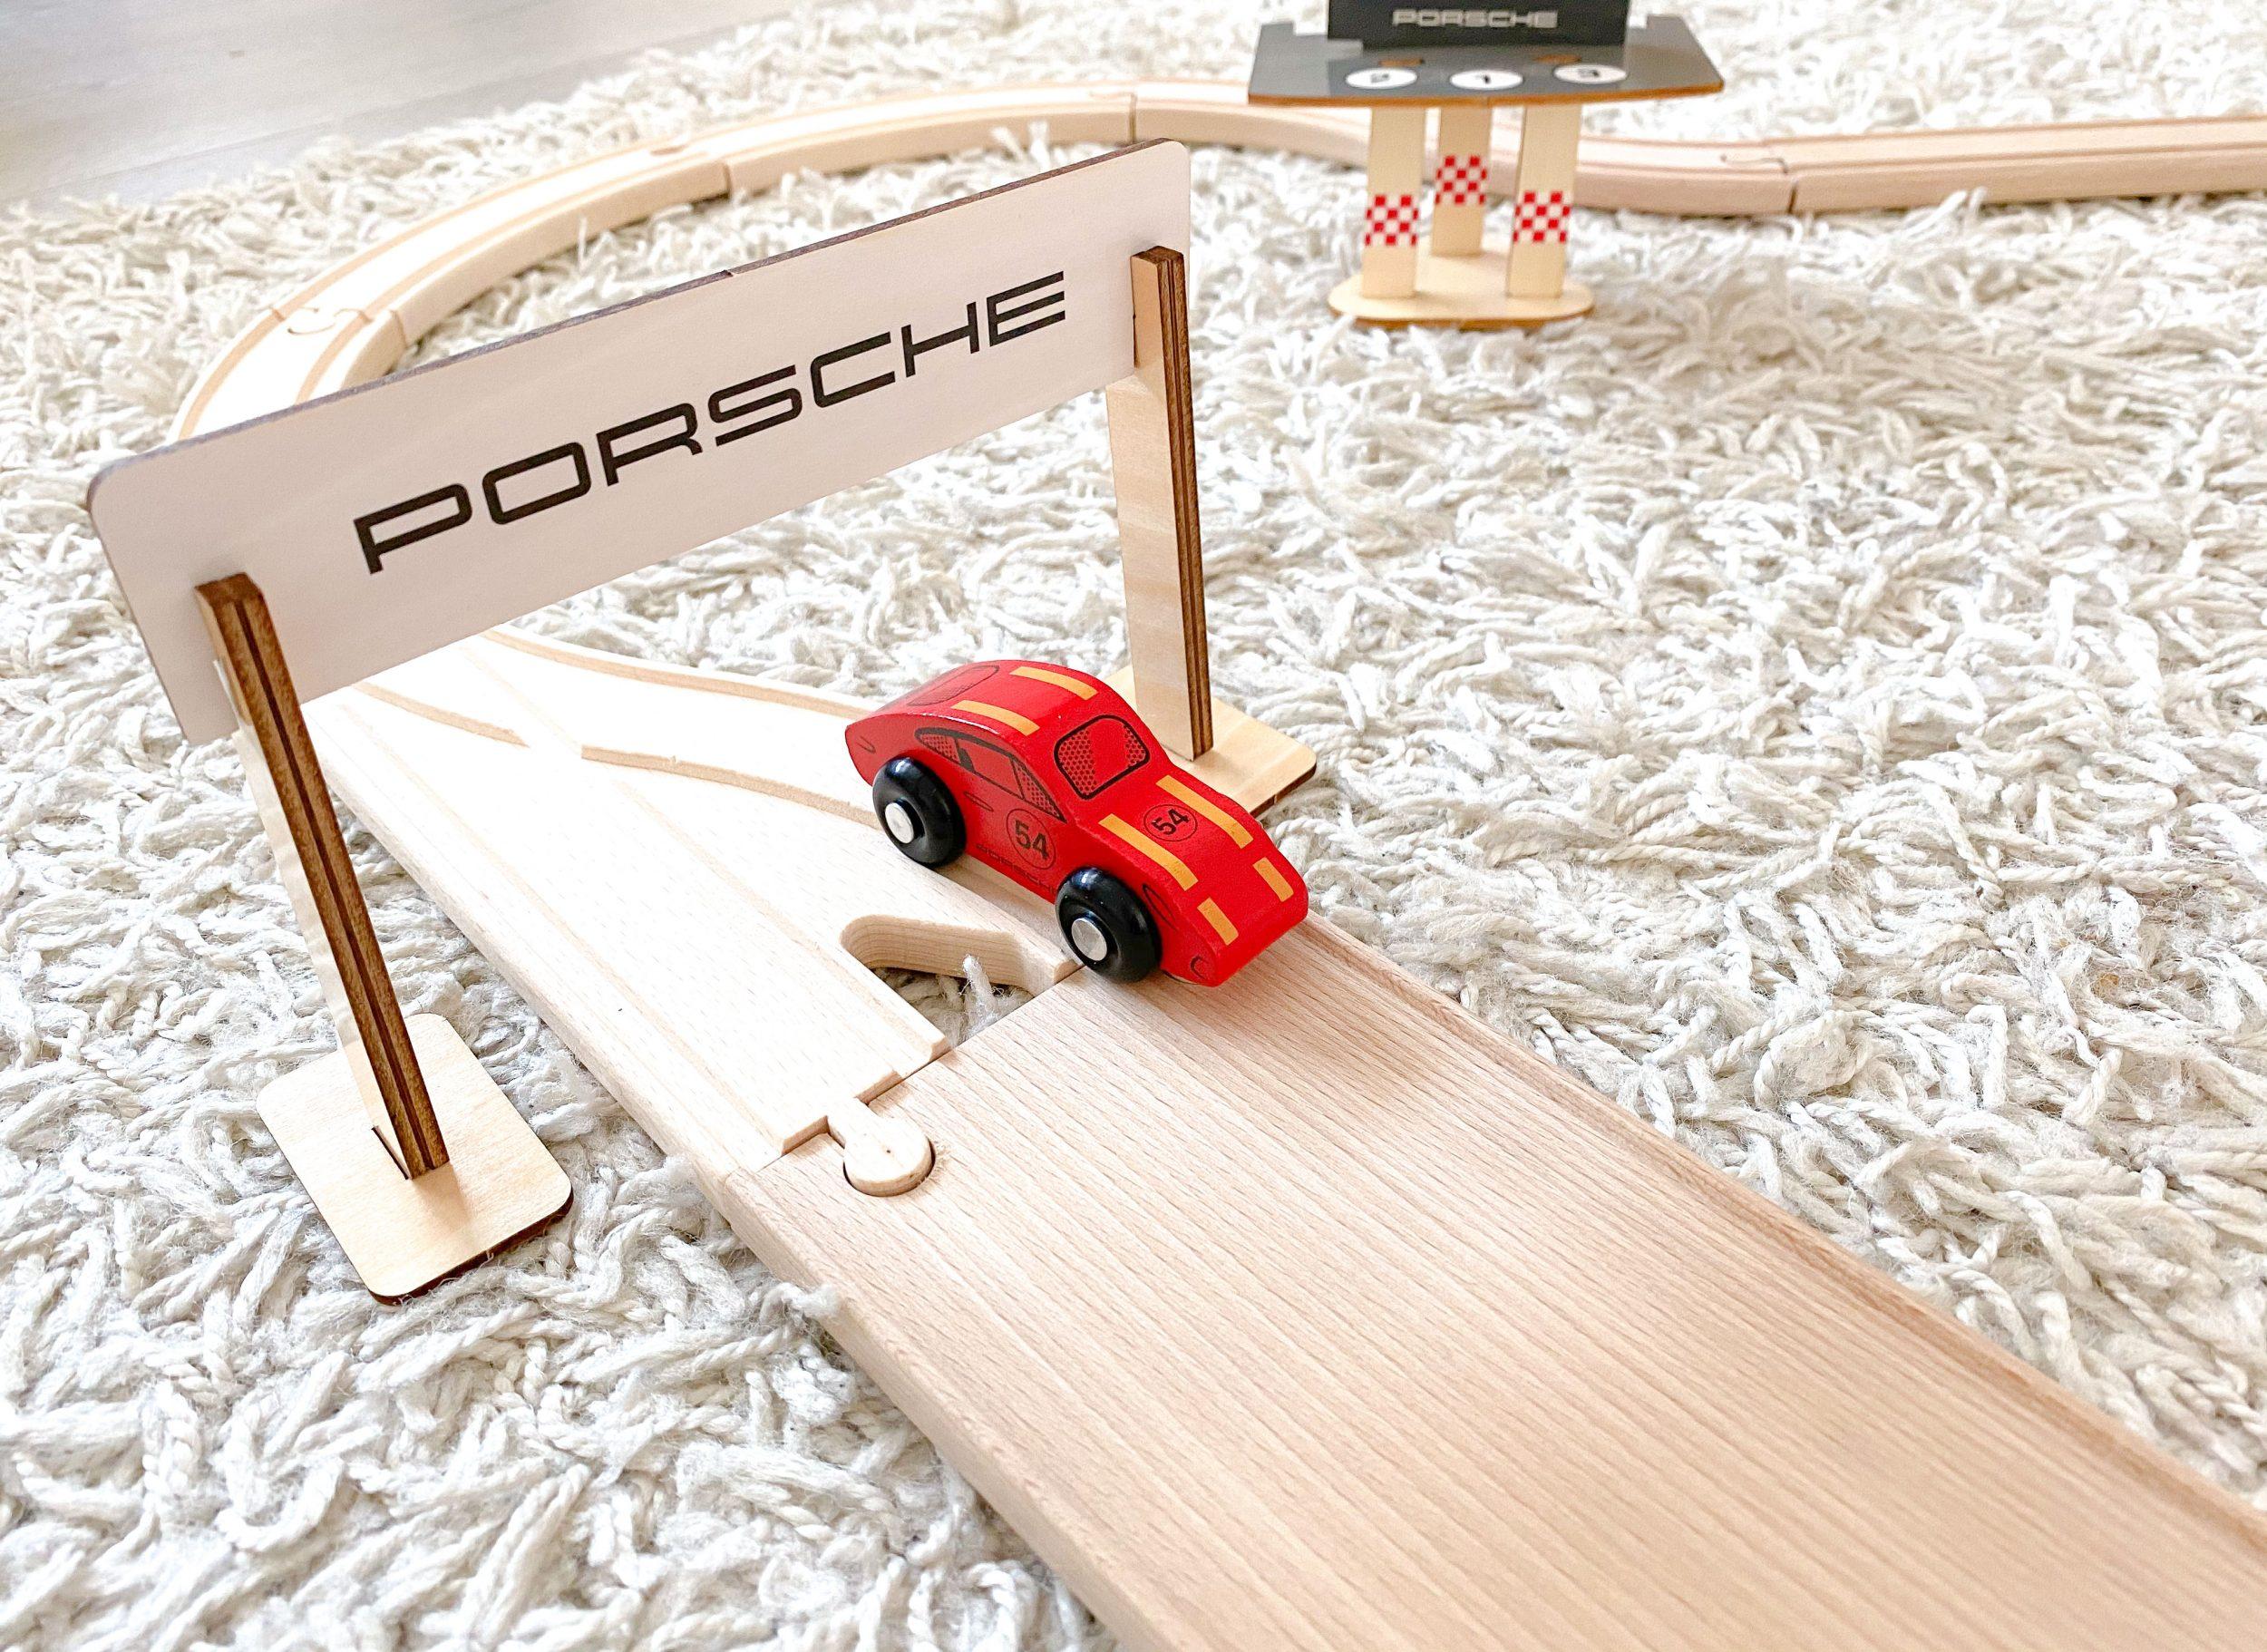 Eichhorn Porsche Racing Set_Schienenbahn_Eichhorn_4